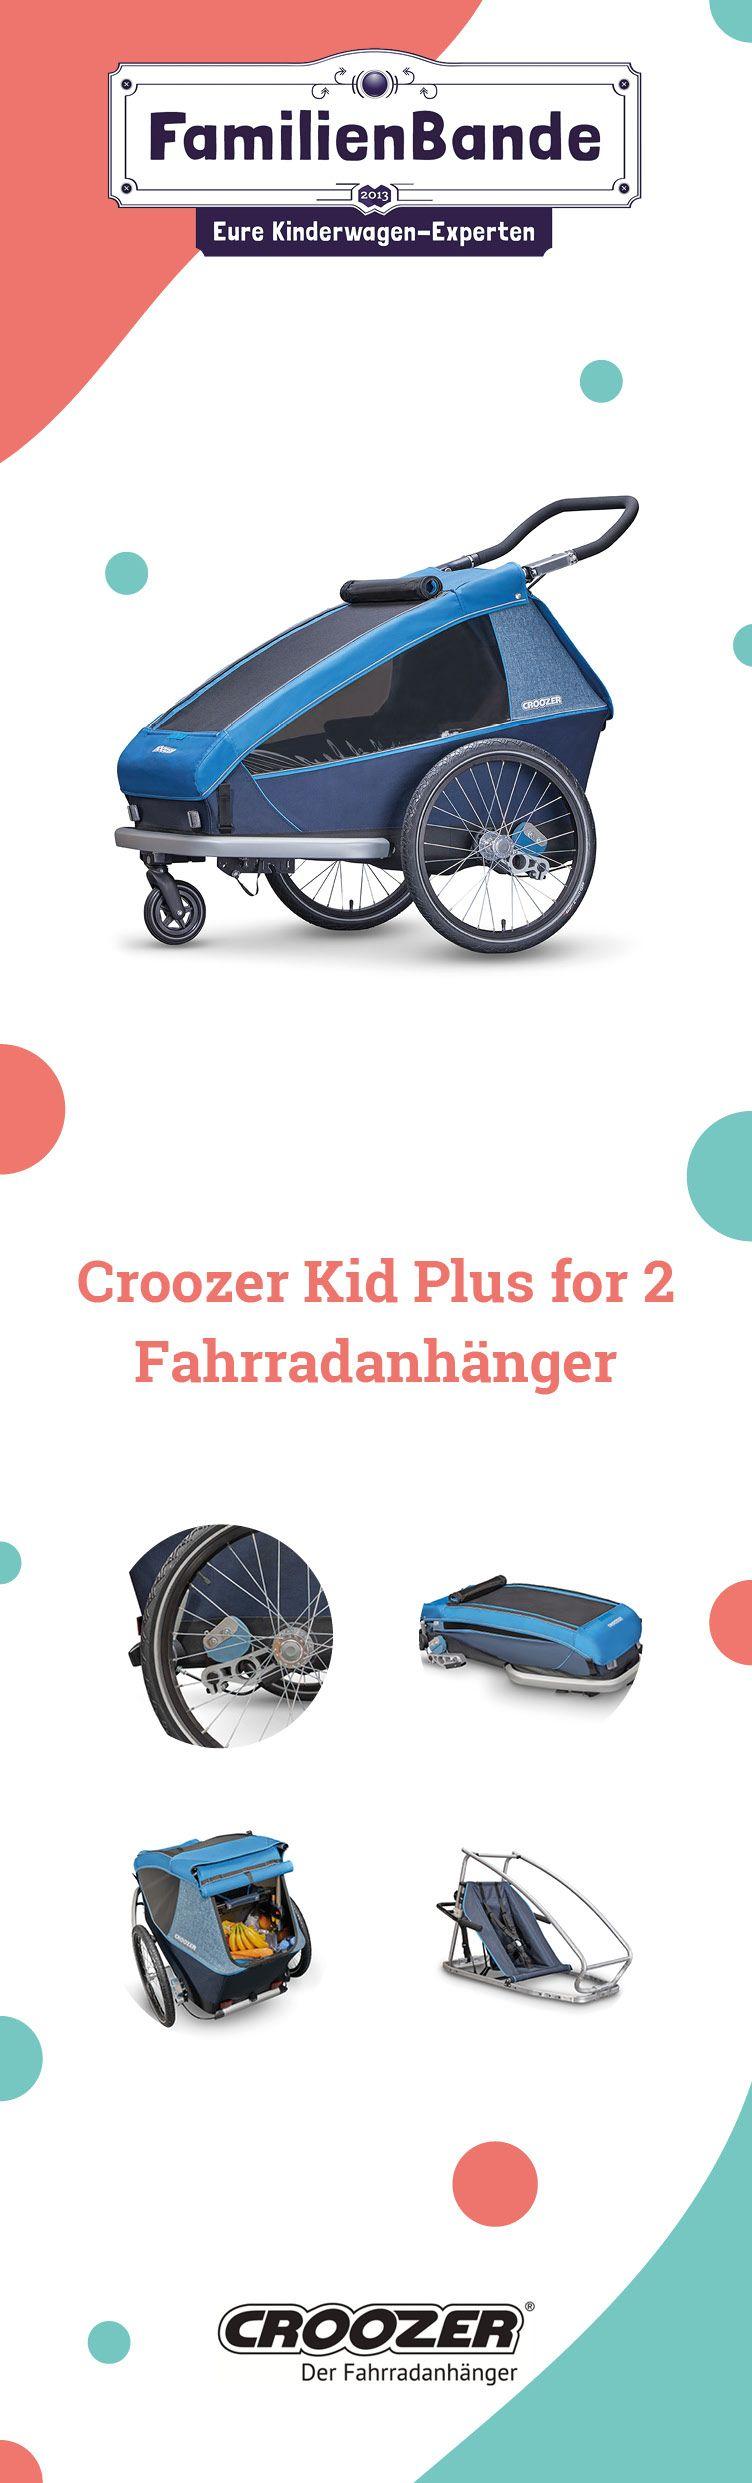 Hier Erhaltet Ihr Den Neuen Croozer Kid Plus For 2 Fahrradanhanger